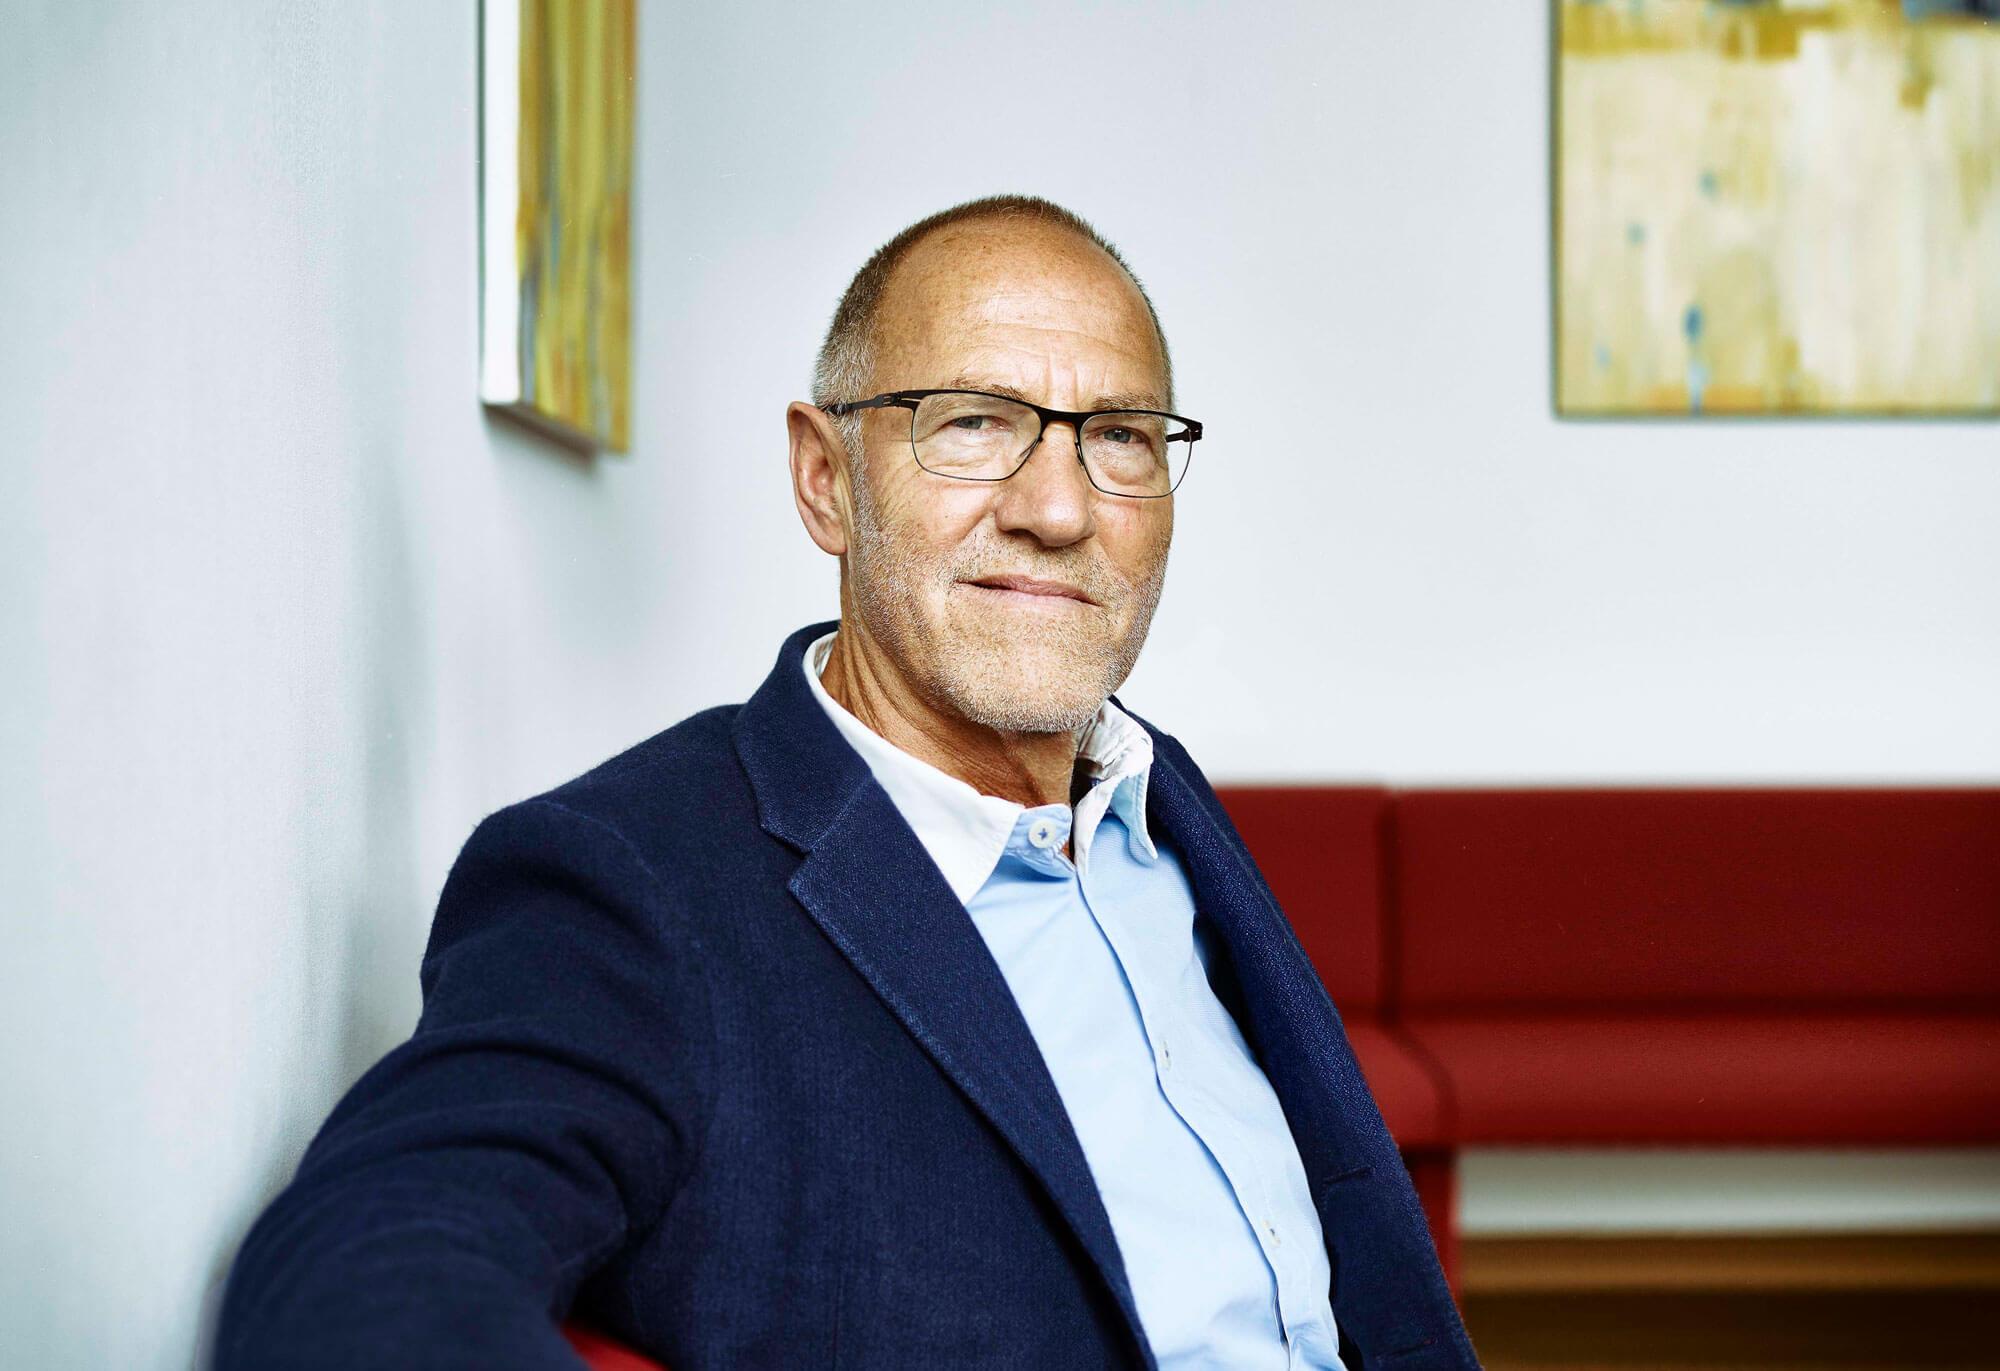 Ralf Dreher von der R-Biopharm AG sitzt auf einem roten Sofa